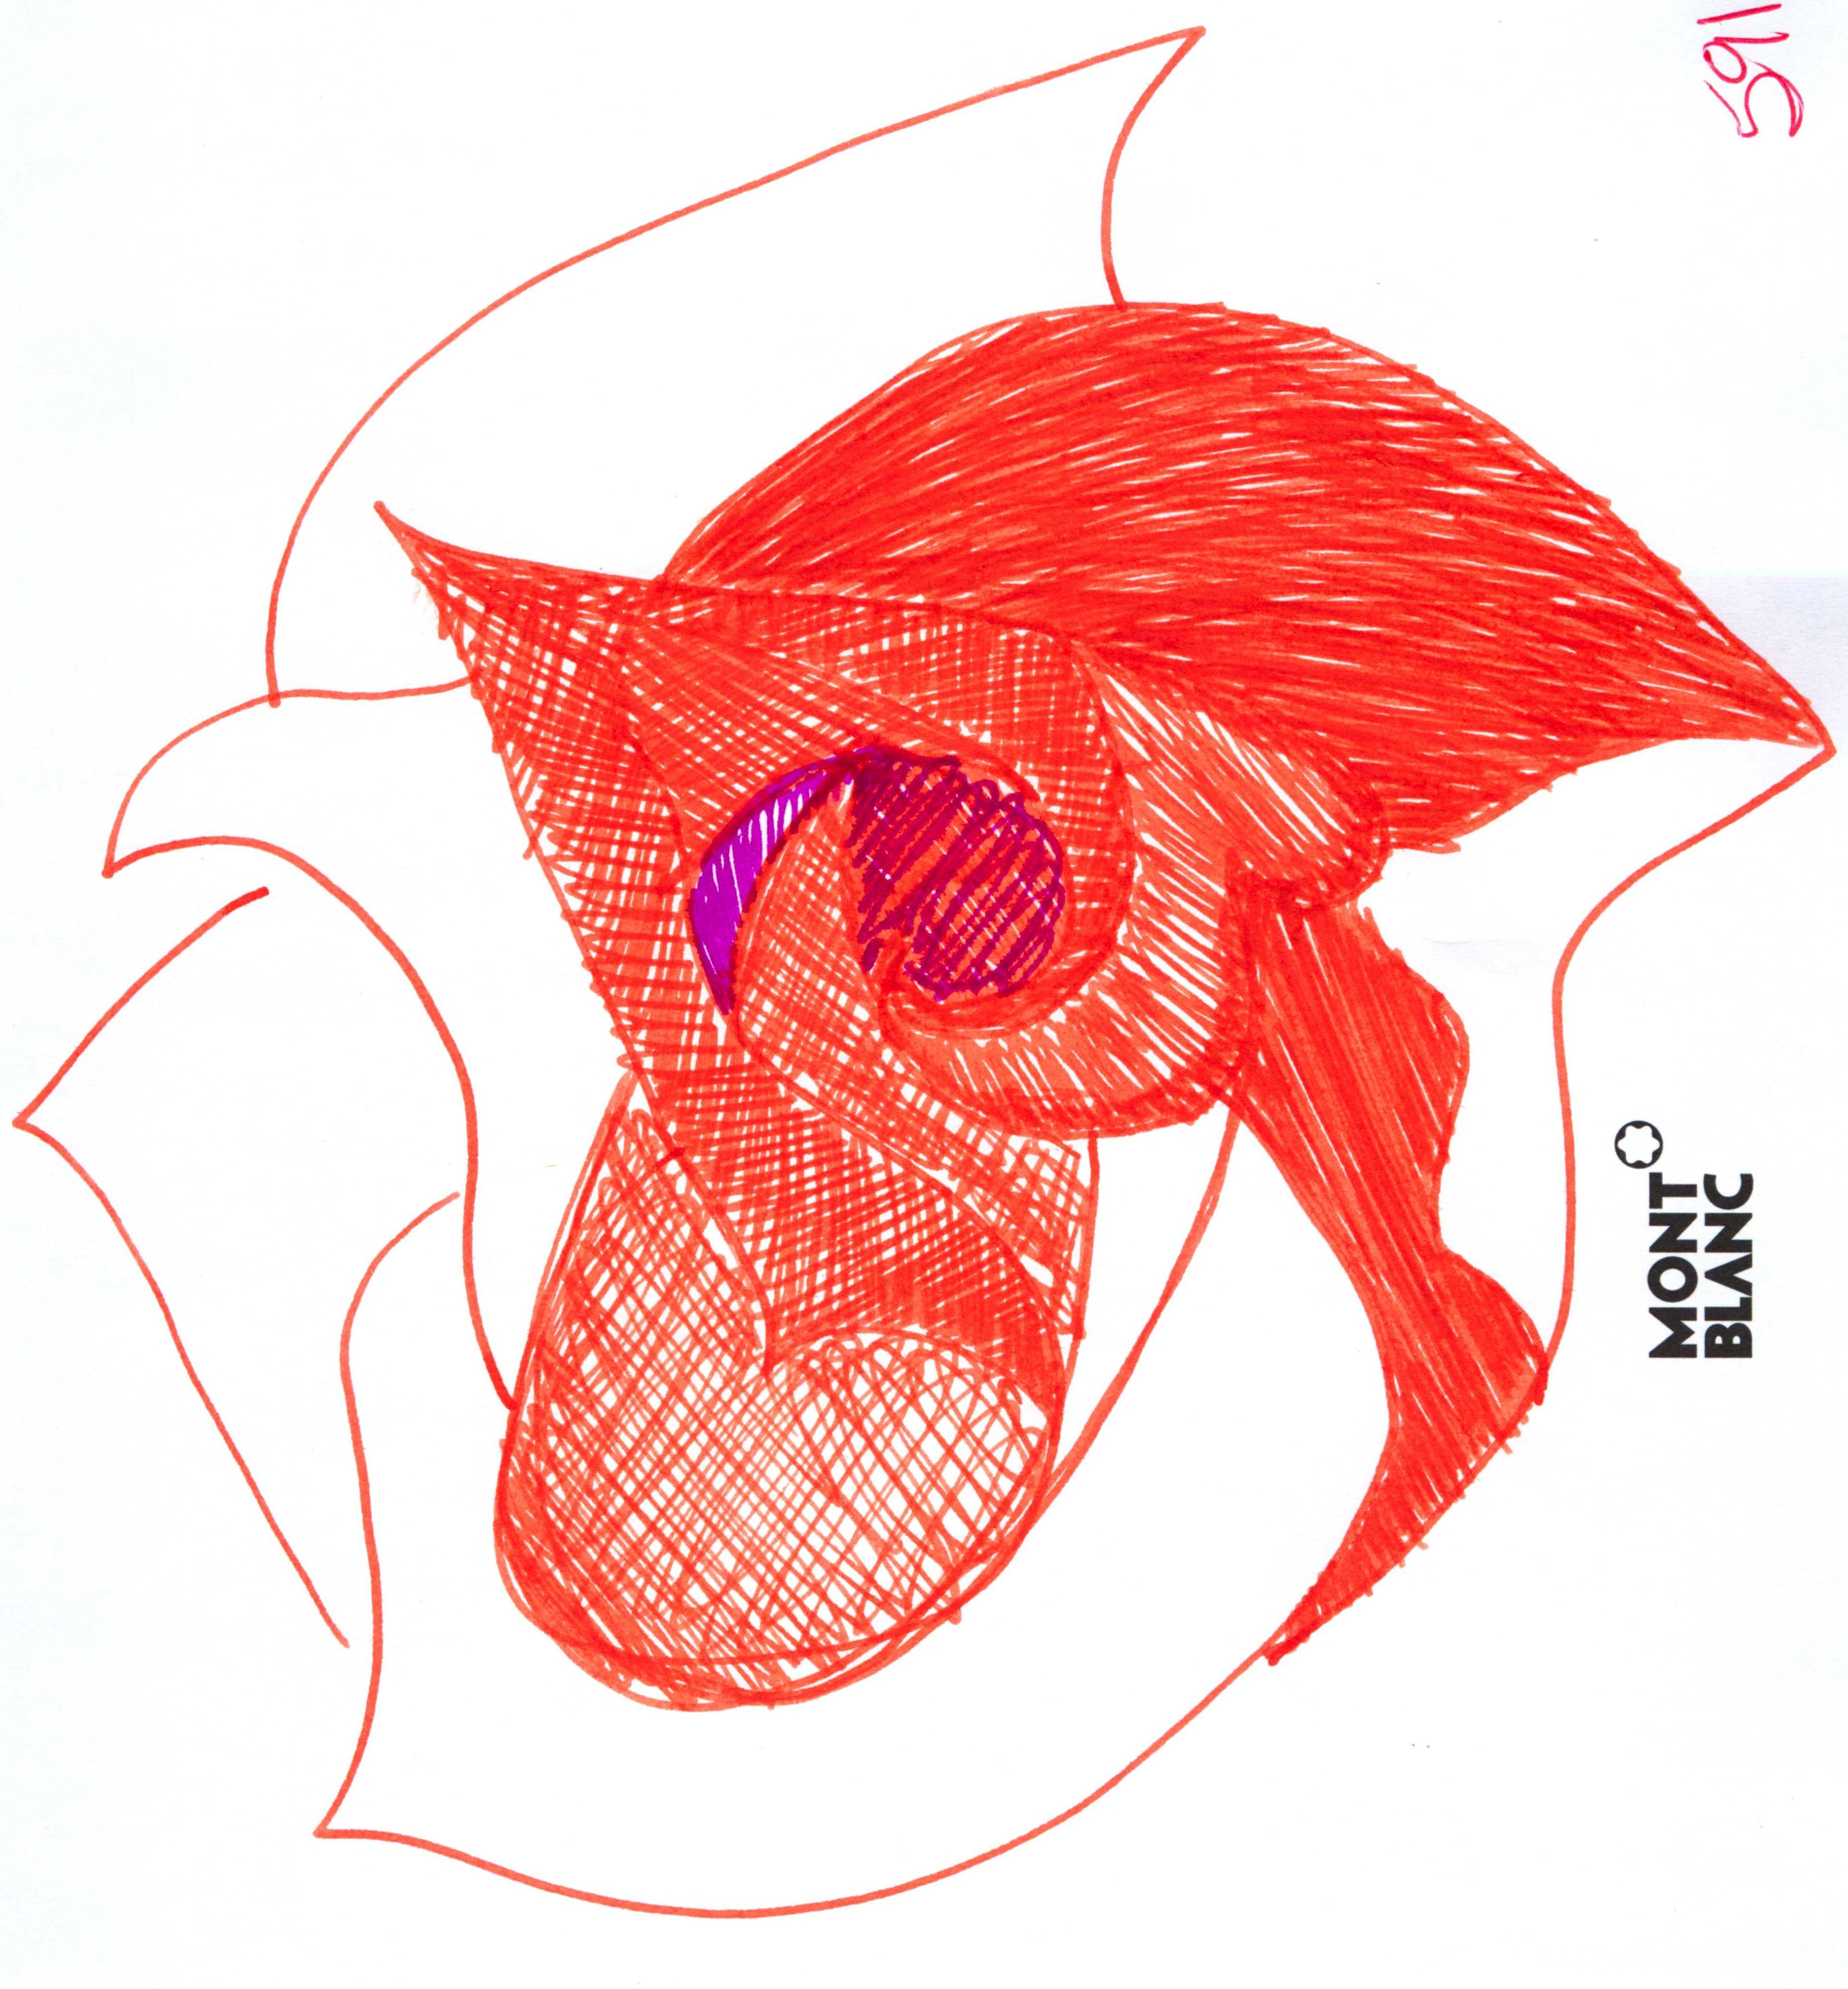 2013-Ink_591.jpg